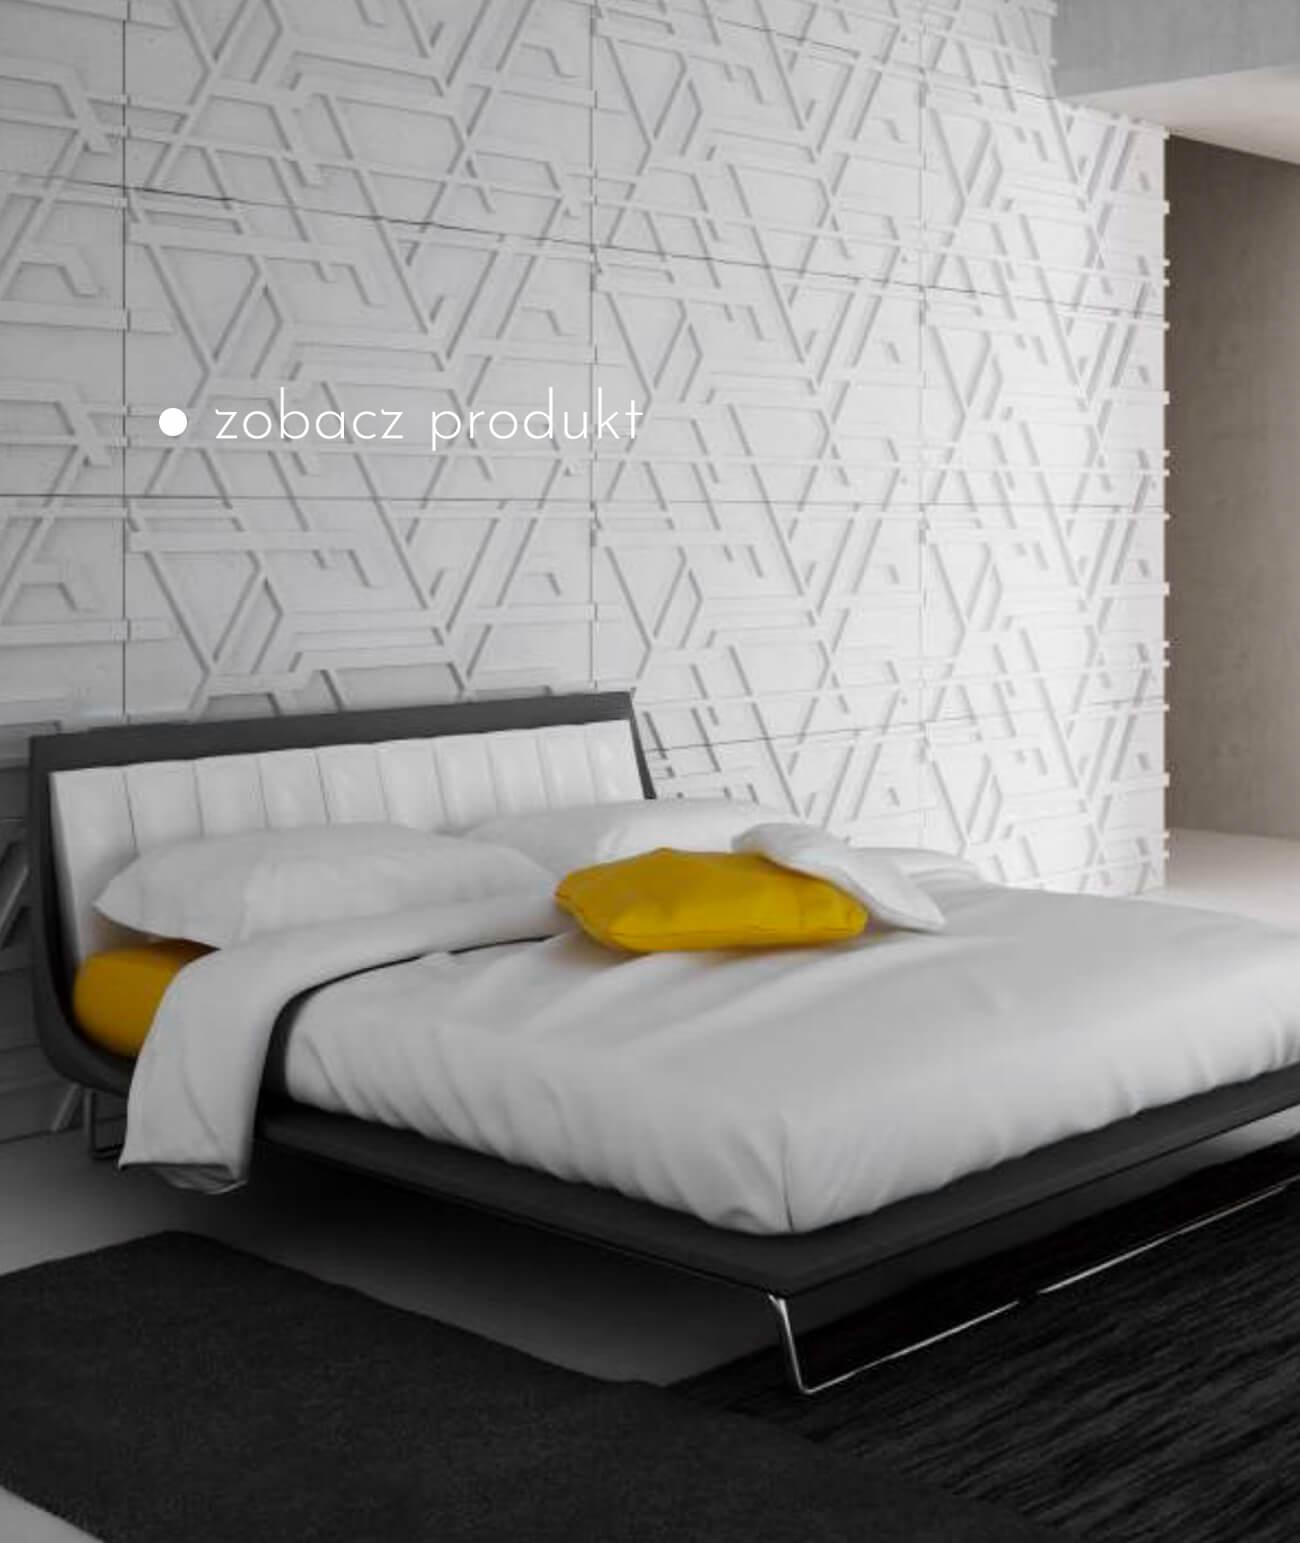 panele-betonowe-3d-scienne-i-elewacyjne-beton-architektoniczny_894-19849-pb27-bs-sniezno-bialy-kor---panel-dekor-3d-beton-architektoniczny-panel-scienny